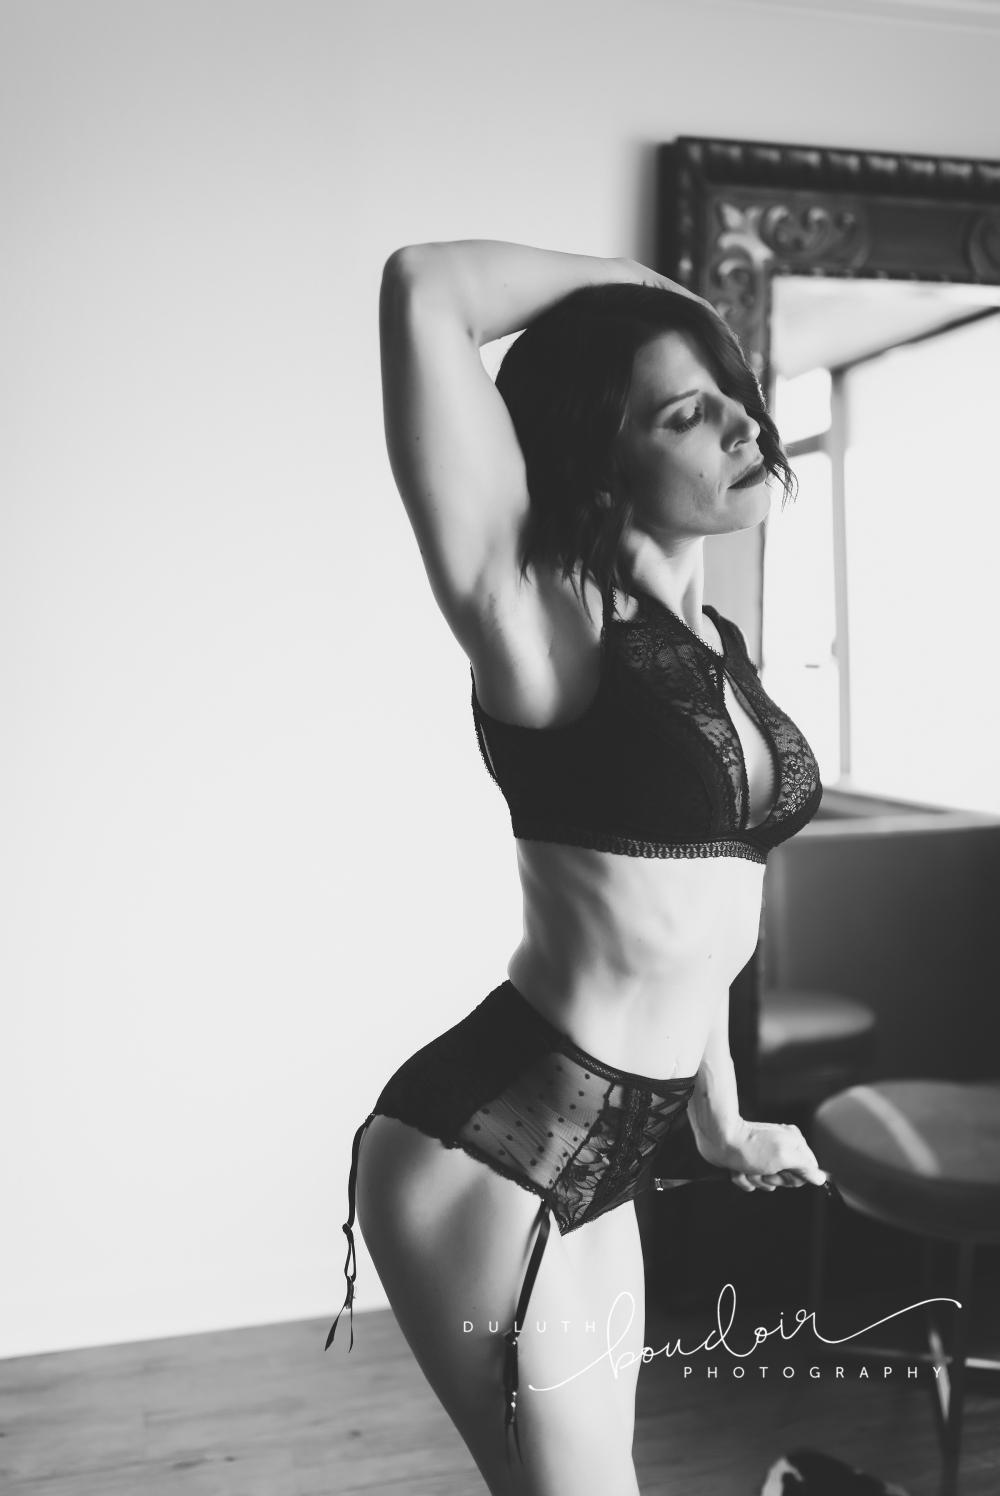 duluth_boudoir_photography_amity_14.jpg